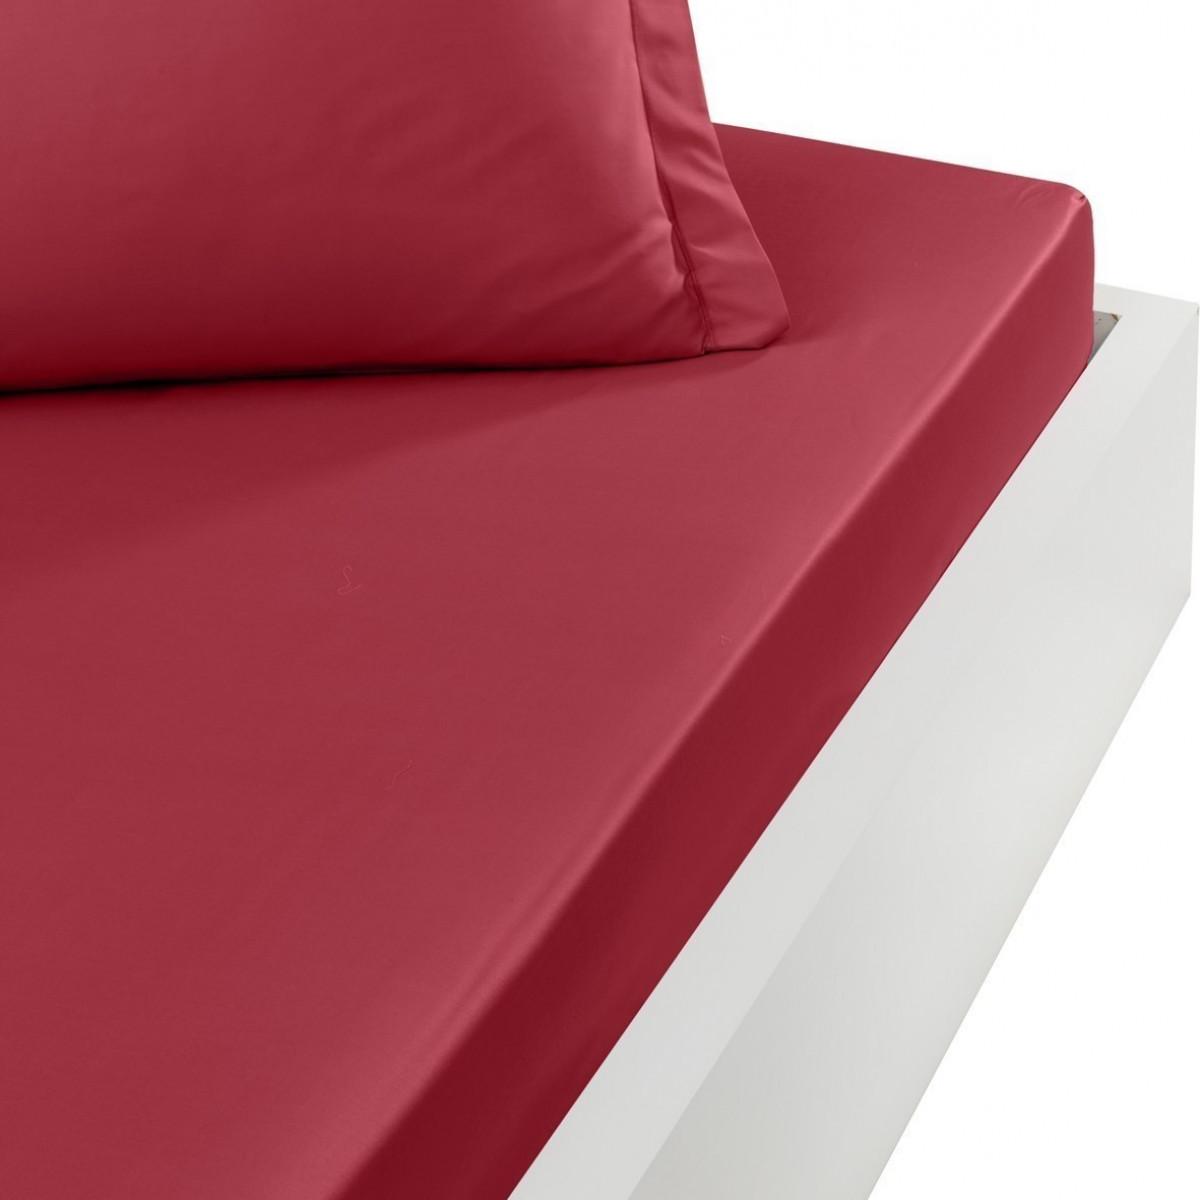 Drap housse en percale de coton bon Cardinal 90x200 cm